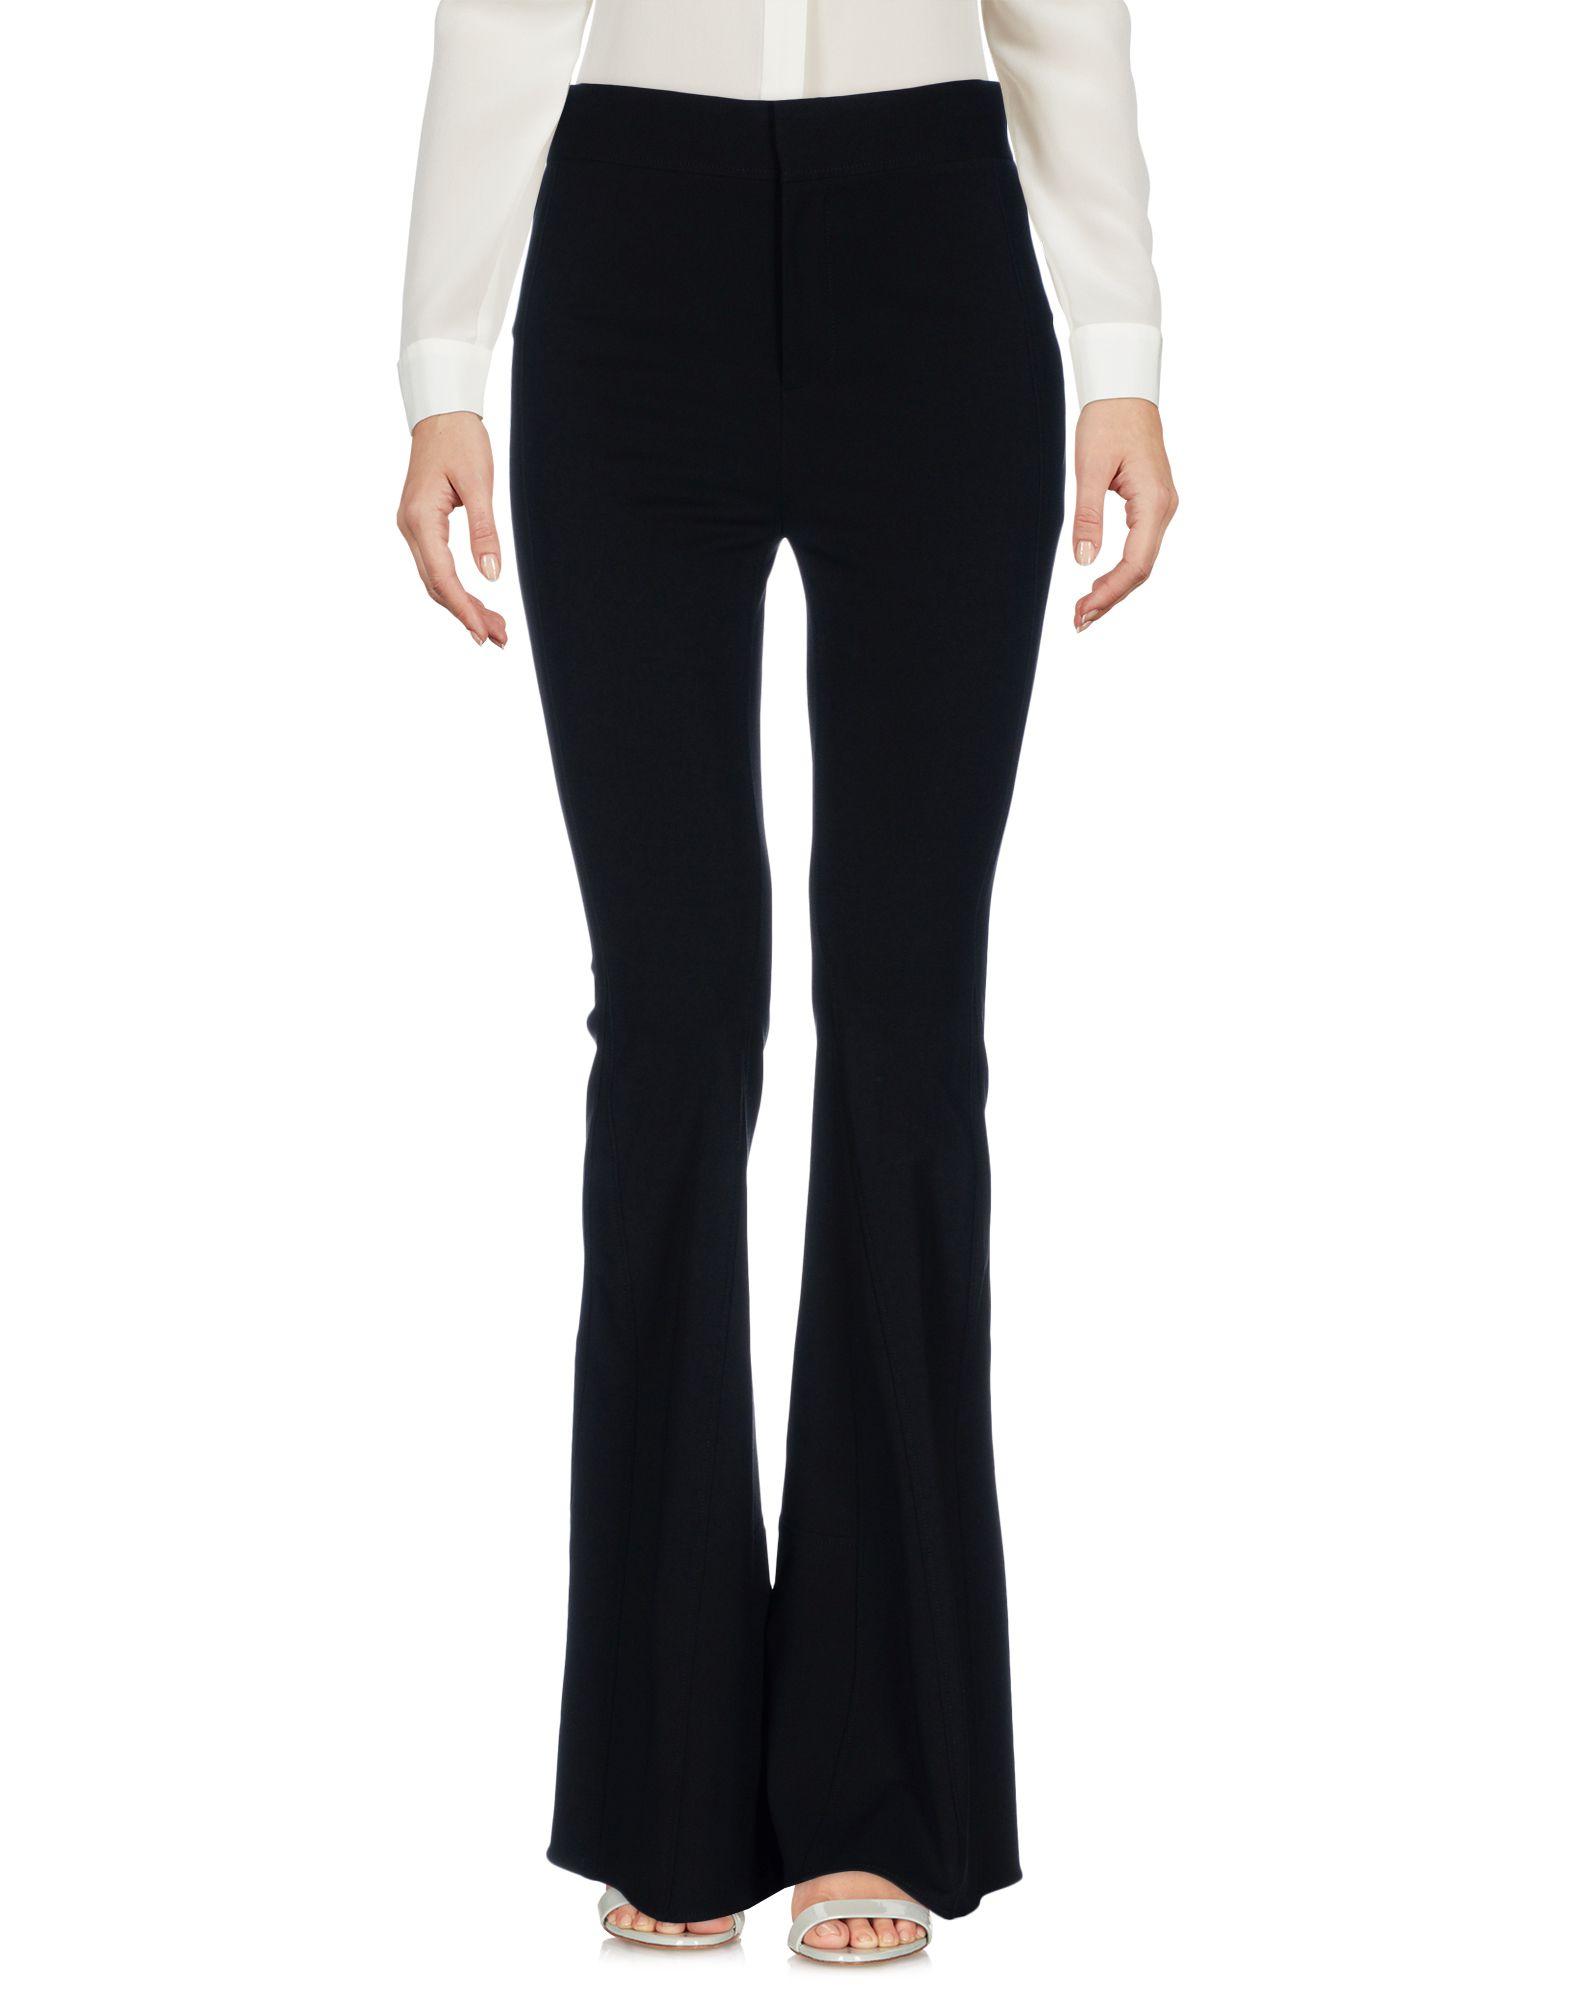 Ligne FemmesAcheter Givenchy À En Pantalons uXiPkZ